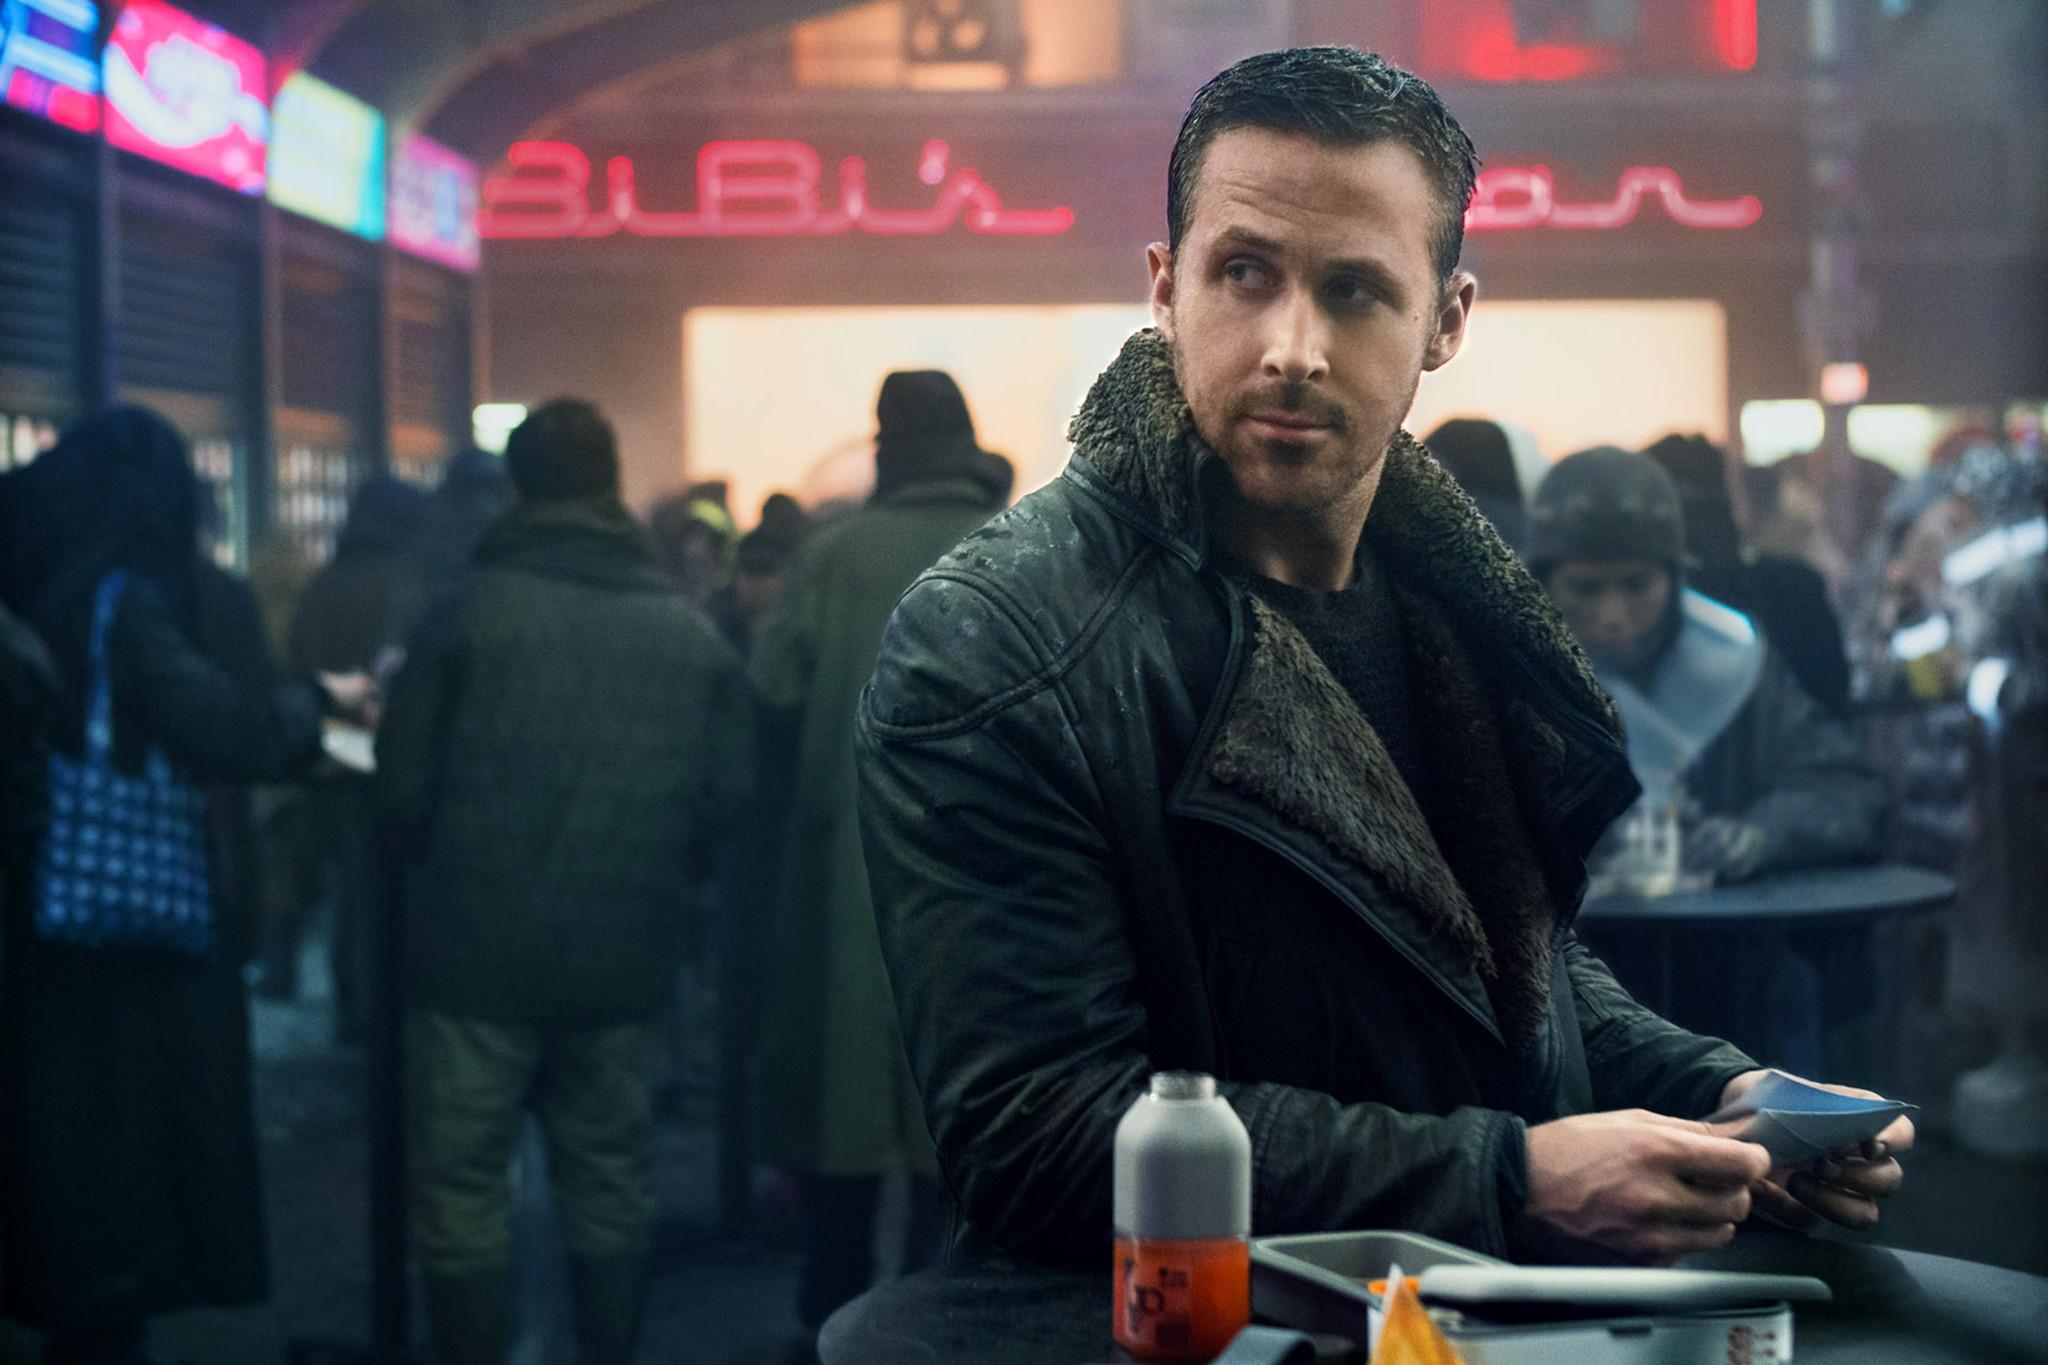 Ryan Gosling K in Blade Runner 2049